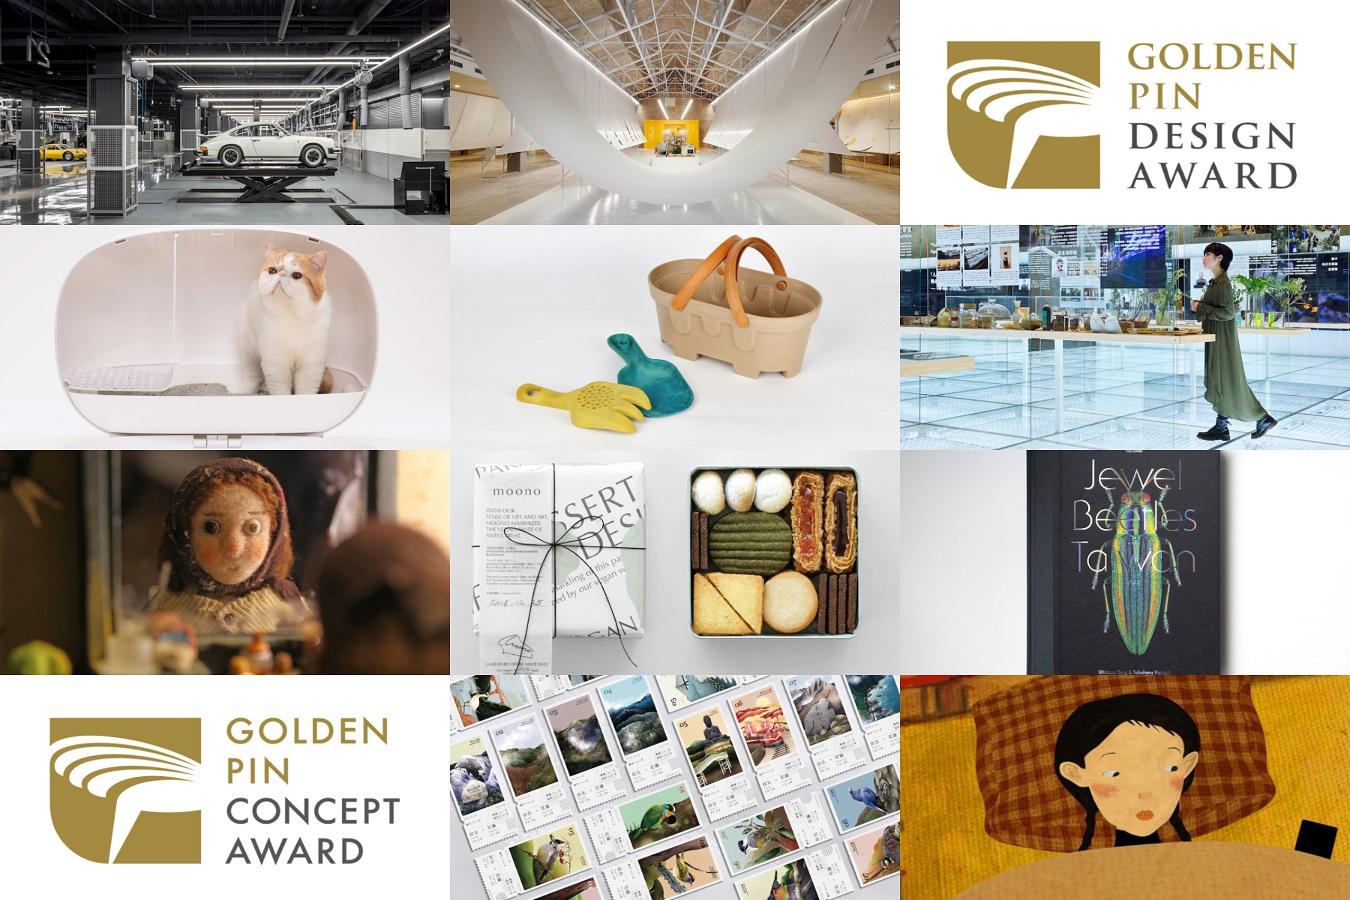 2019金點設計獎及金點概念設計獎「年度最佳設計獎」入圍名單揭曉 台灣入圍39件拔得頭籌